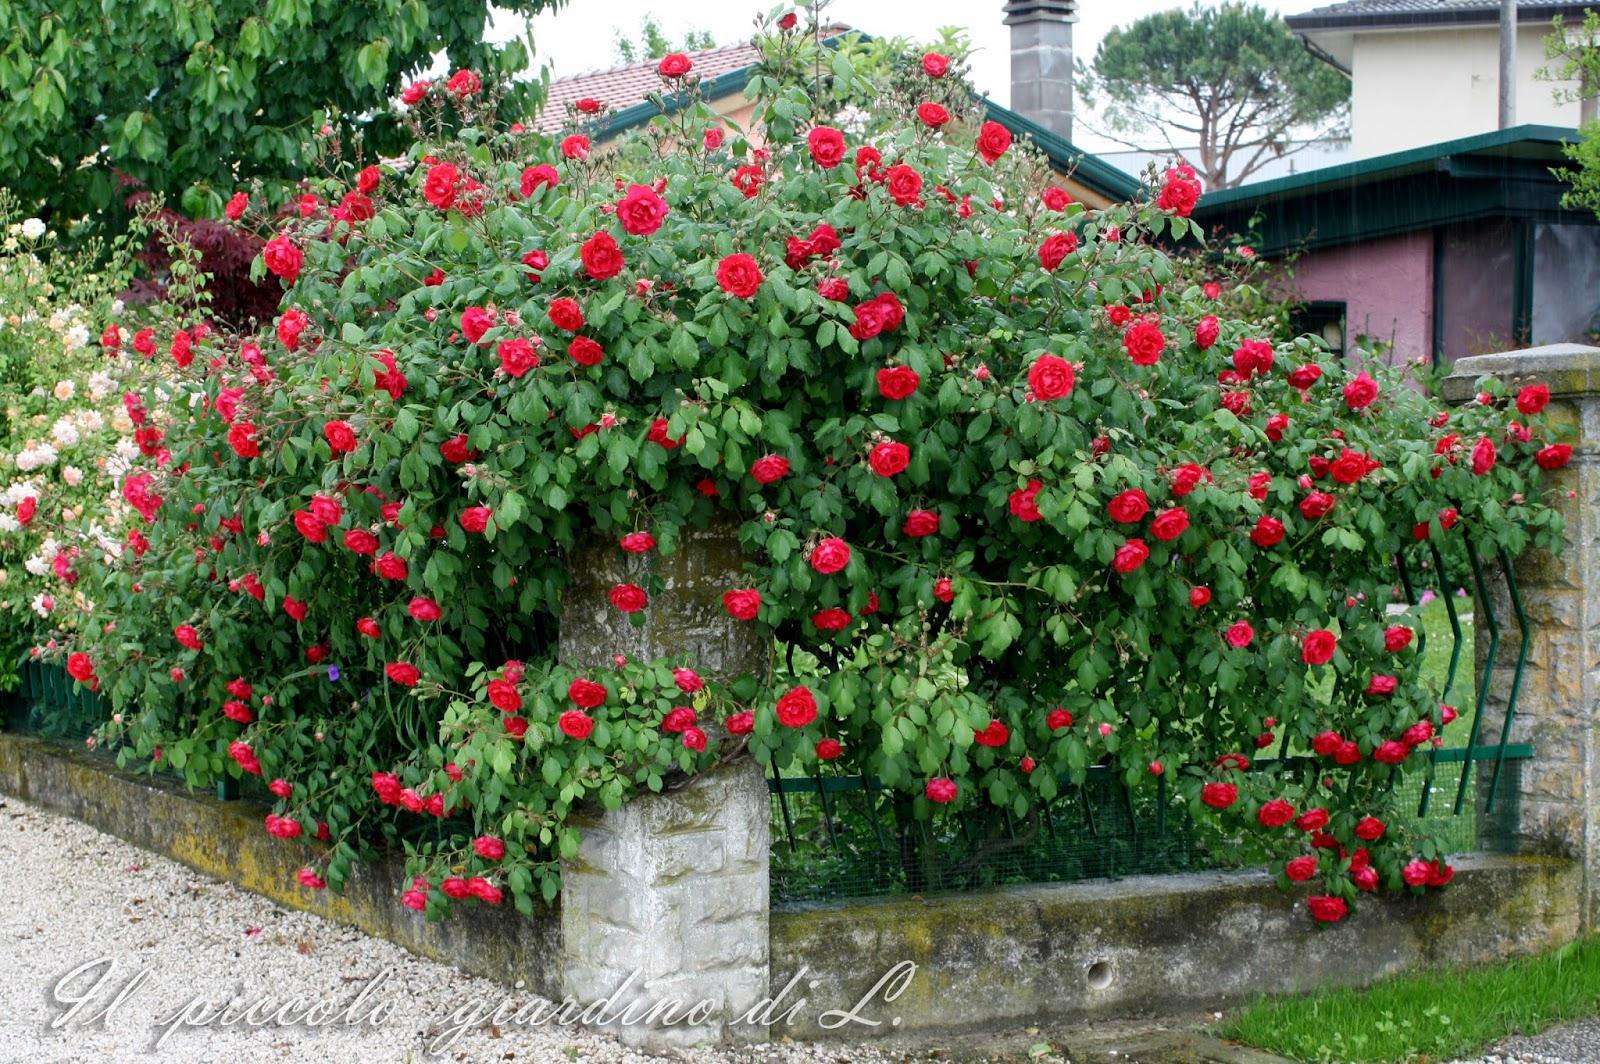 Charming Una Classica Rosa Rampicante Rossa: Paulu0027s Scarlet Climber